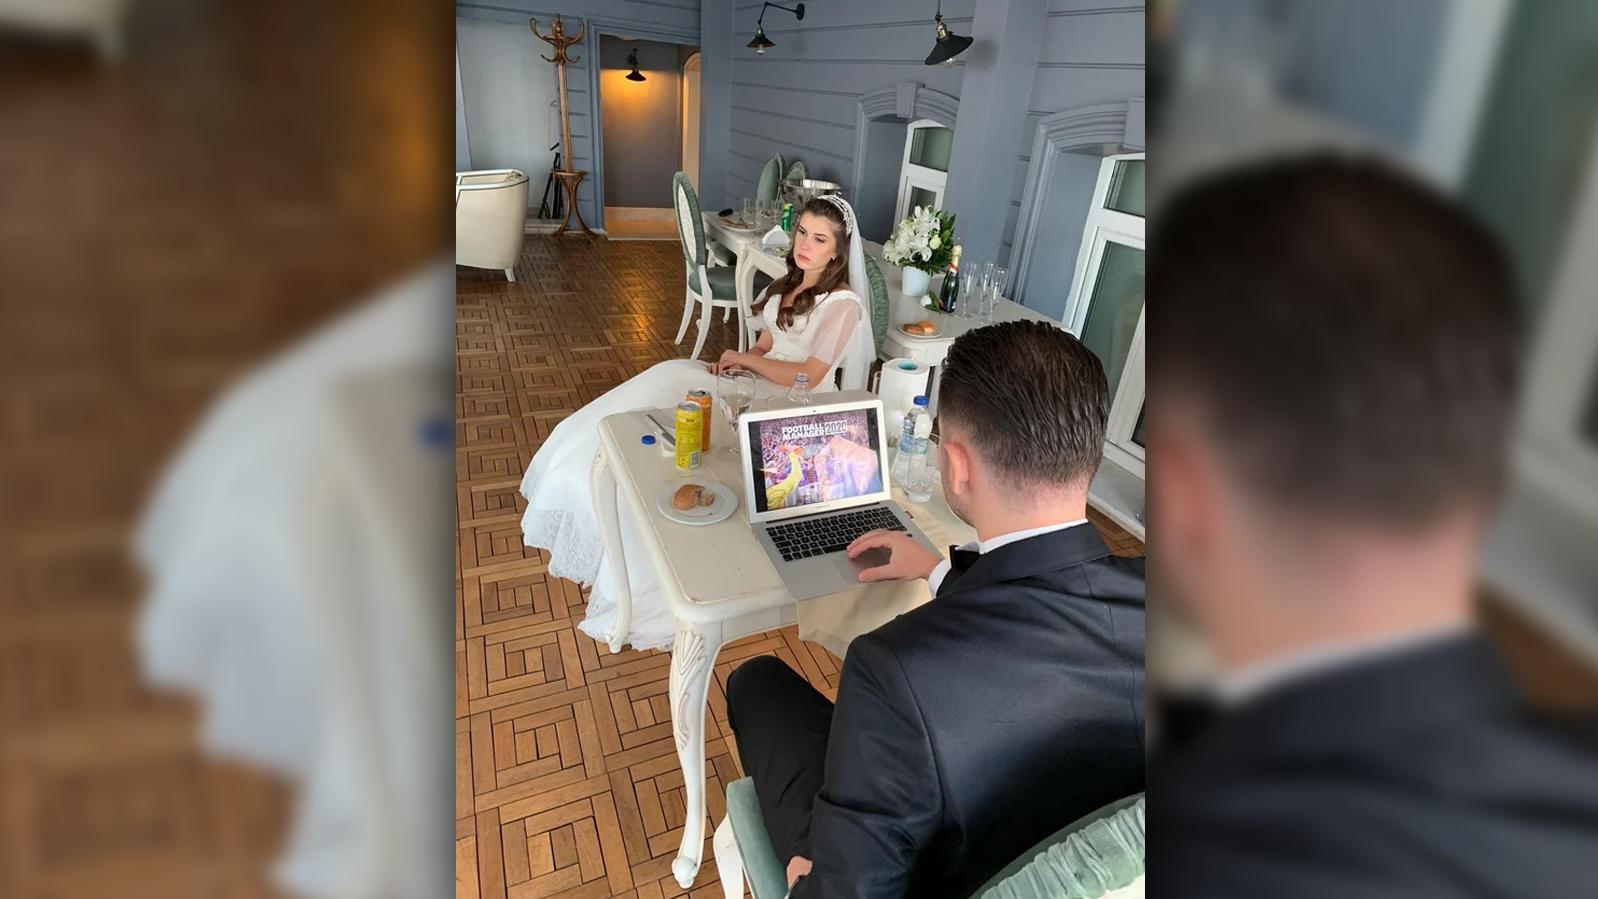 Wie würden Sie reagieren, wenn Ihr Liebster am Hochzeitstag anderweitig beschäftigt ist?